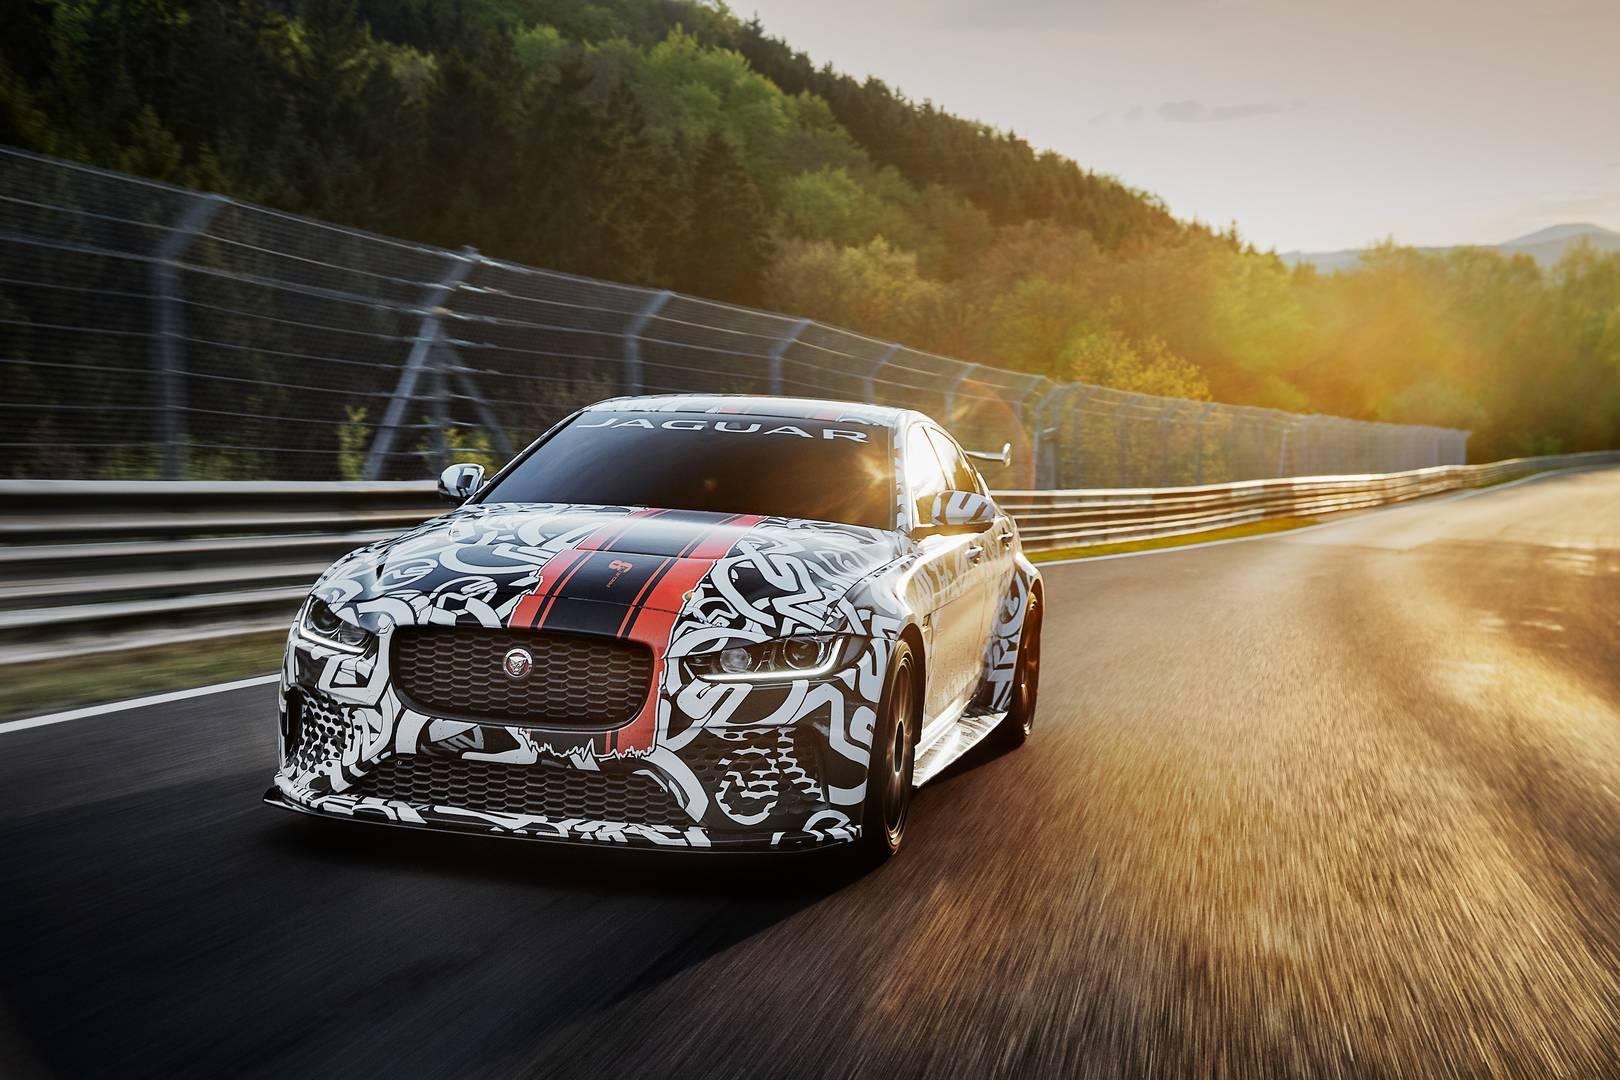 За исключением недавнего F-Type SVR, повышение производительности последних Jaguar'ов было весьма небольштим. Jaguar XE SV Project 8 представляет собой первый действительно мощный вариант.